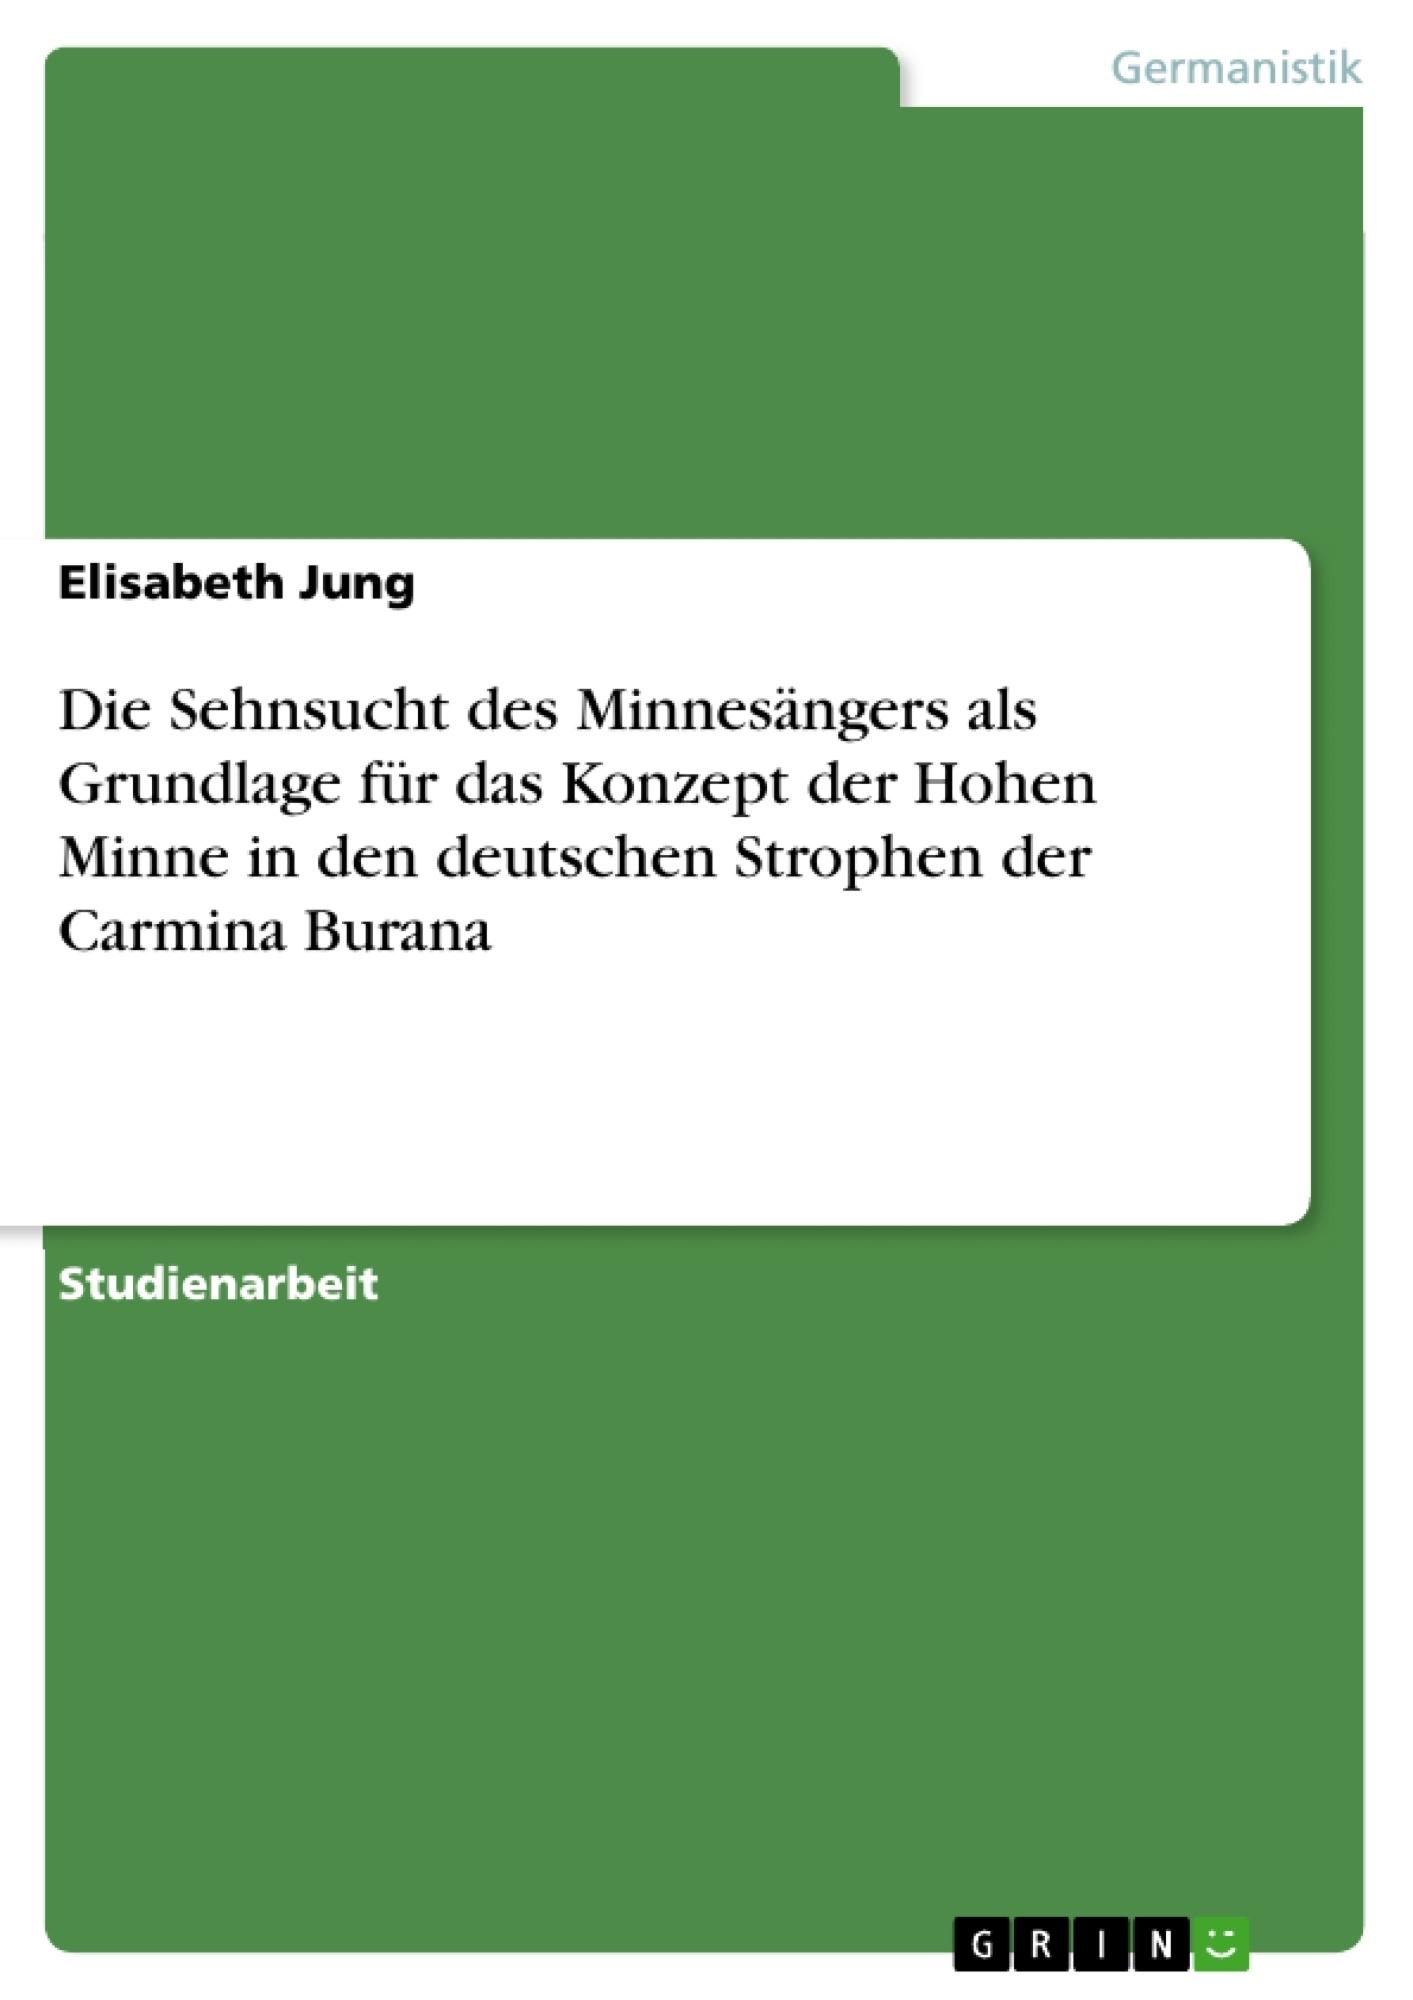 Titel: Die Sehnsucht des Minnesängers als Grundlage für das Konzept der Hohen Minne in den deutschen Strophen der Carmina Burana